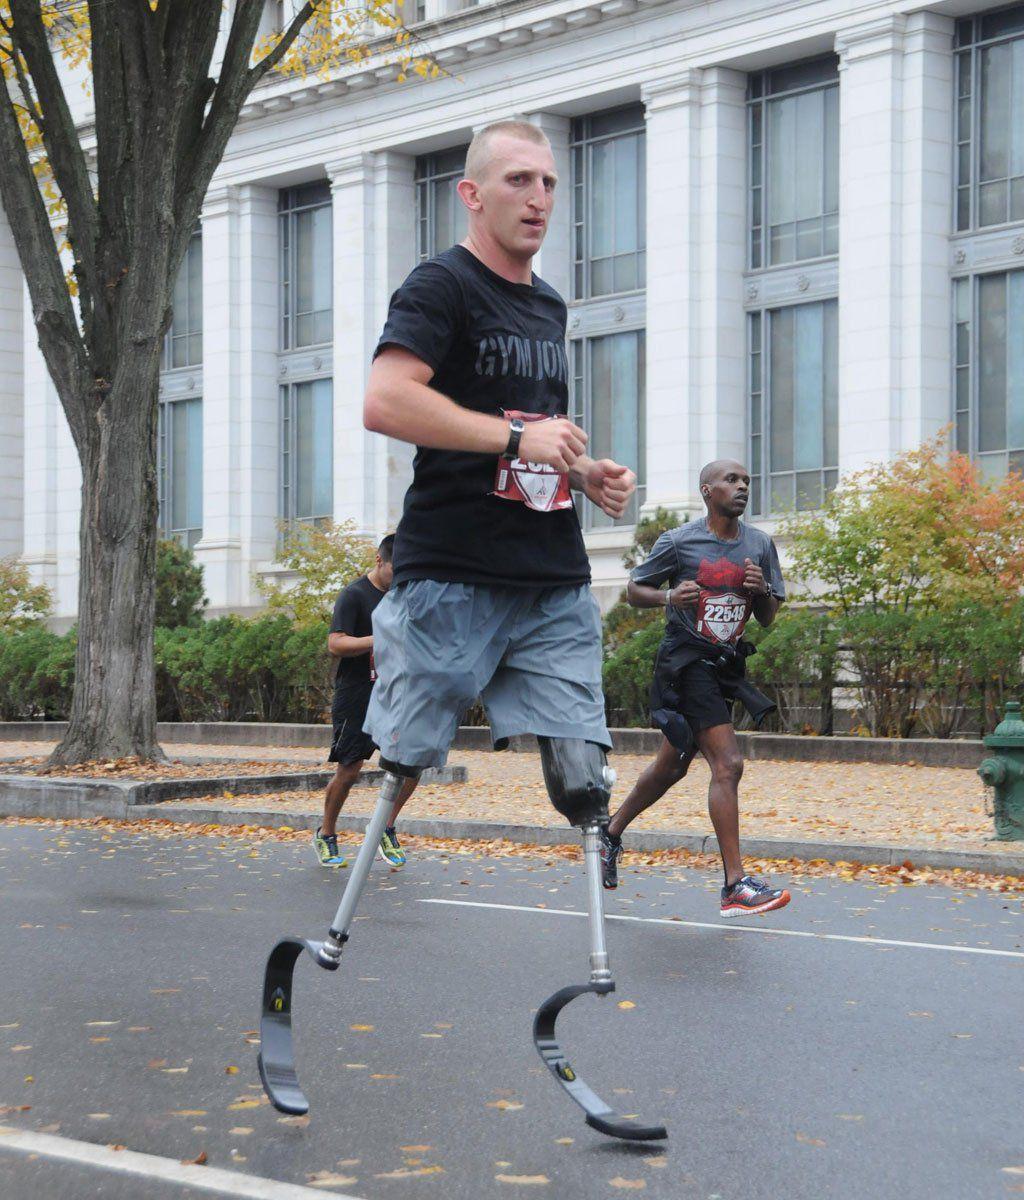 9-29-17-rob-jones-marine-marathons-2.jpg.optimal.jpg